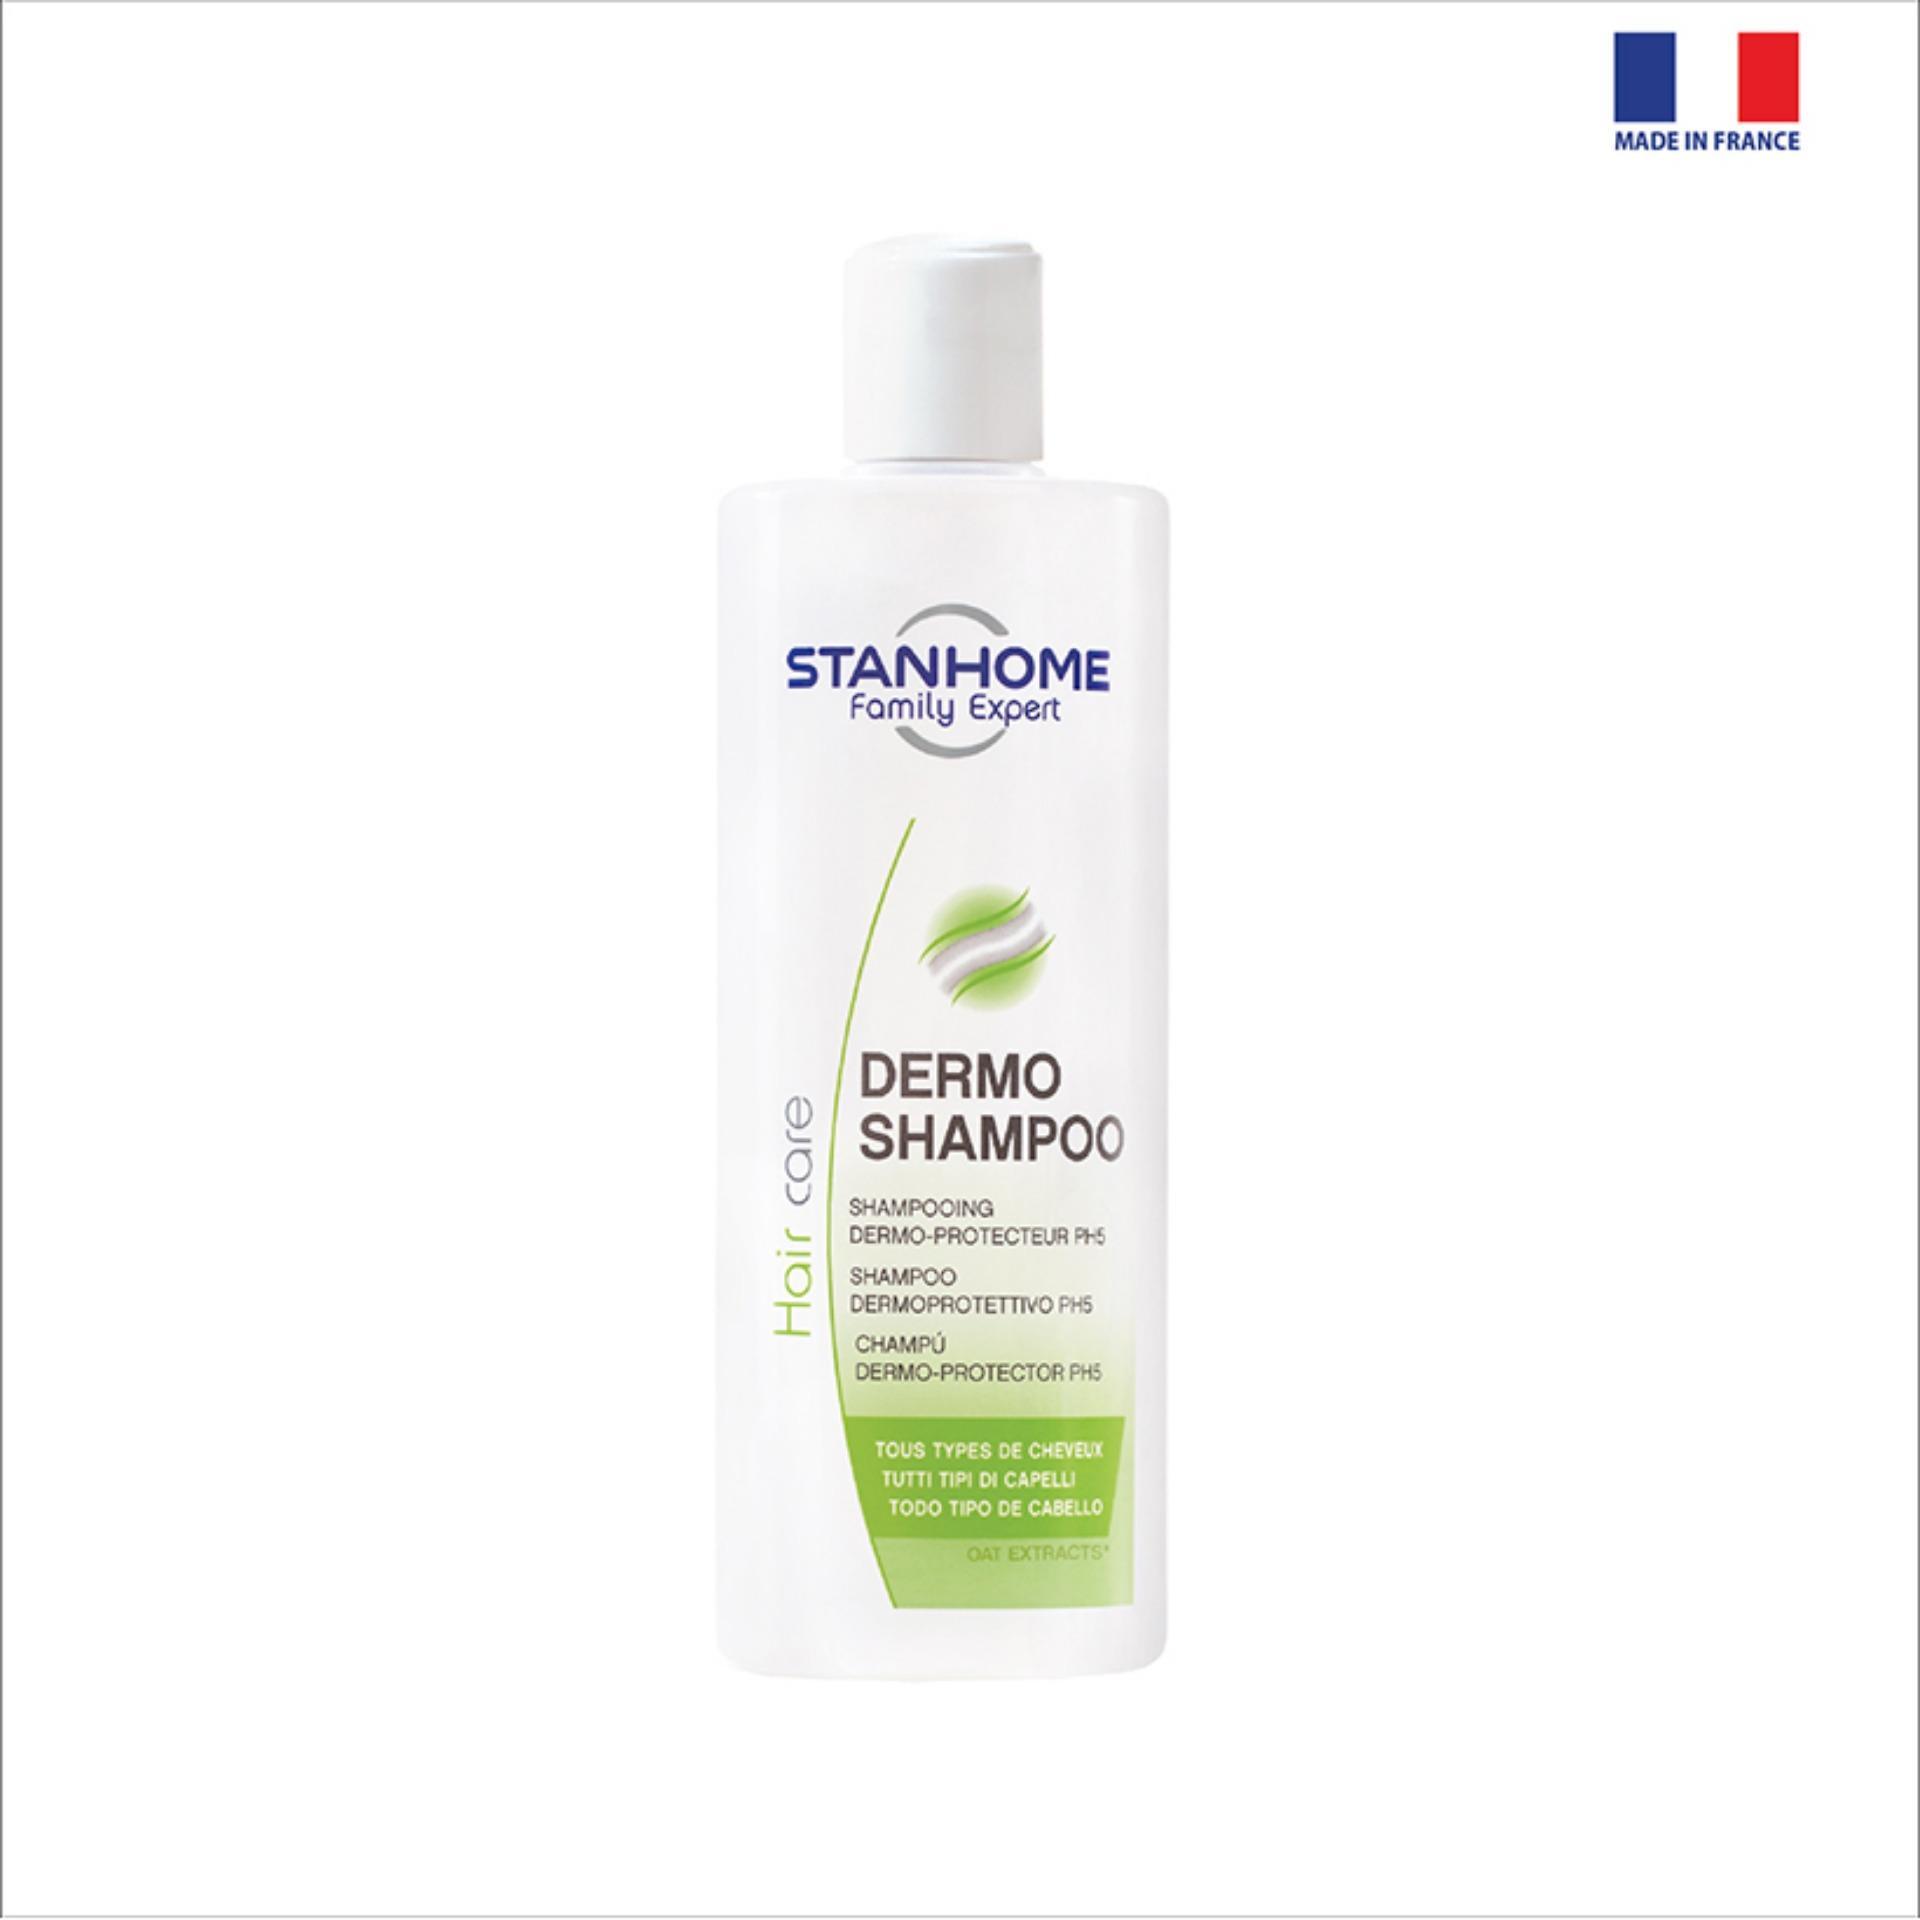 DERMO SHAMPOO STANHOME - Dầu gội không xà phòng PH5 400ml tốt nhất